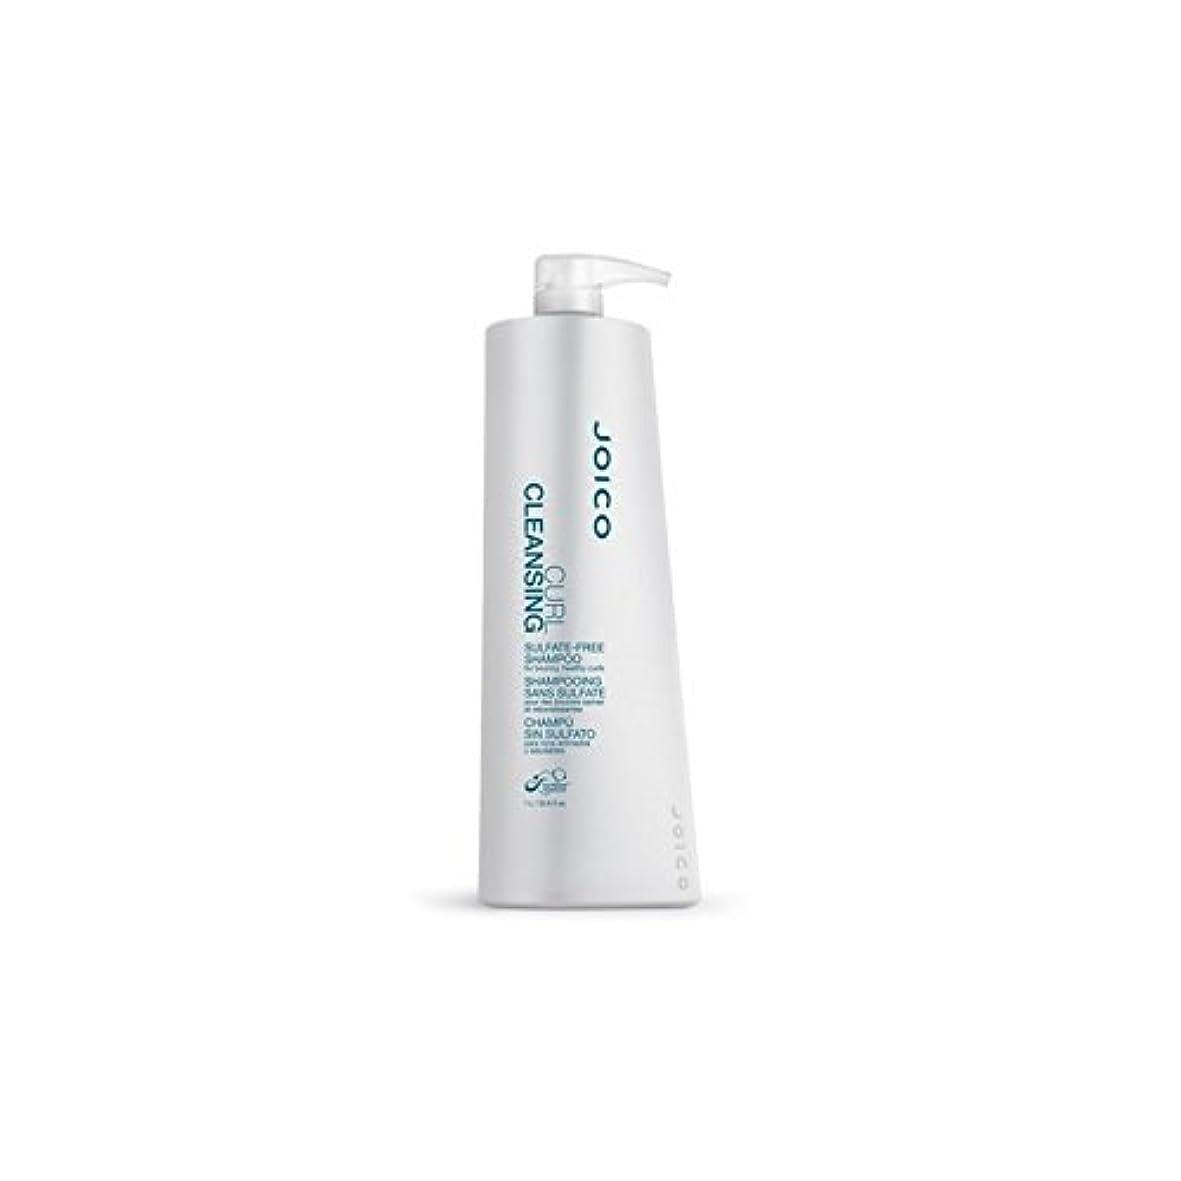 戸惑う食欲幸運な快活、健康カール用ジョイコカールクレンジング硫酸フリーシャンプー(千ミリリットル) x4 - Joico Curl Cleansing Sulfate-Free Shampoo For Bouncy, Healthy Curls (1000ml) (Pack of 4) [並行輸入品]